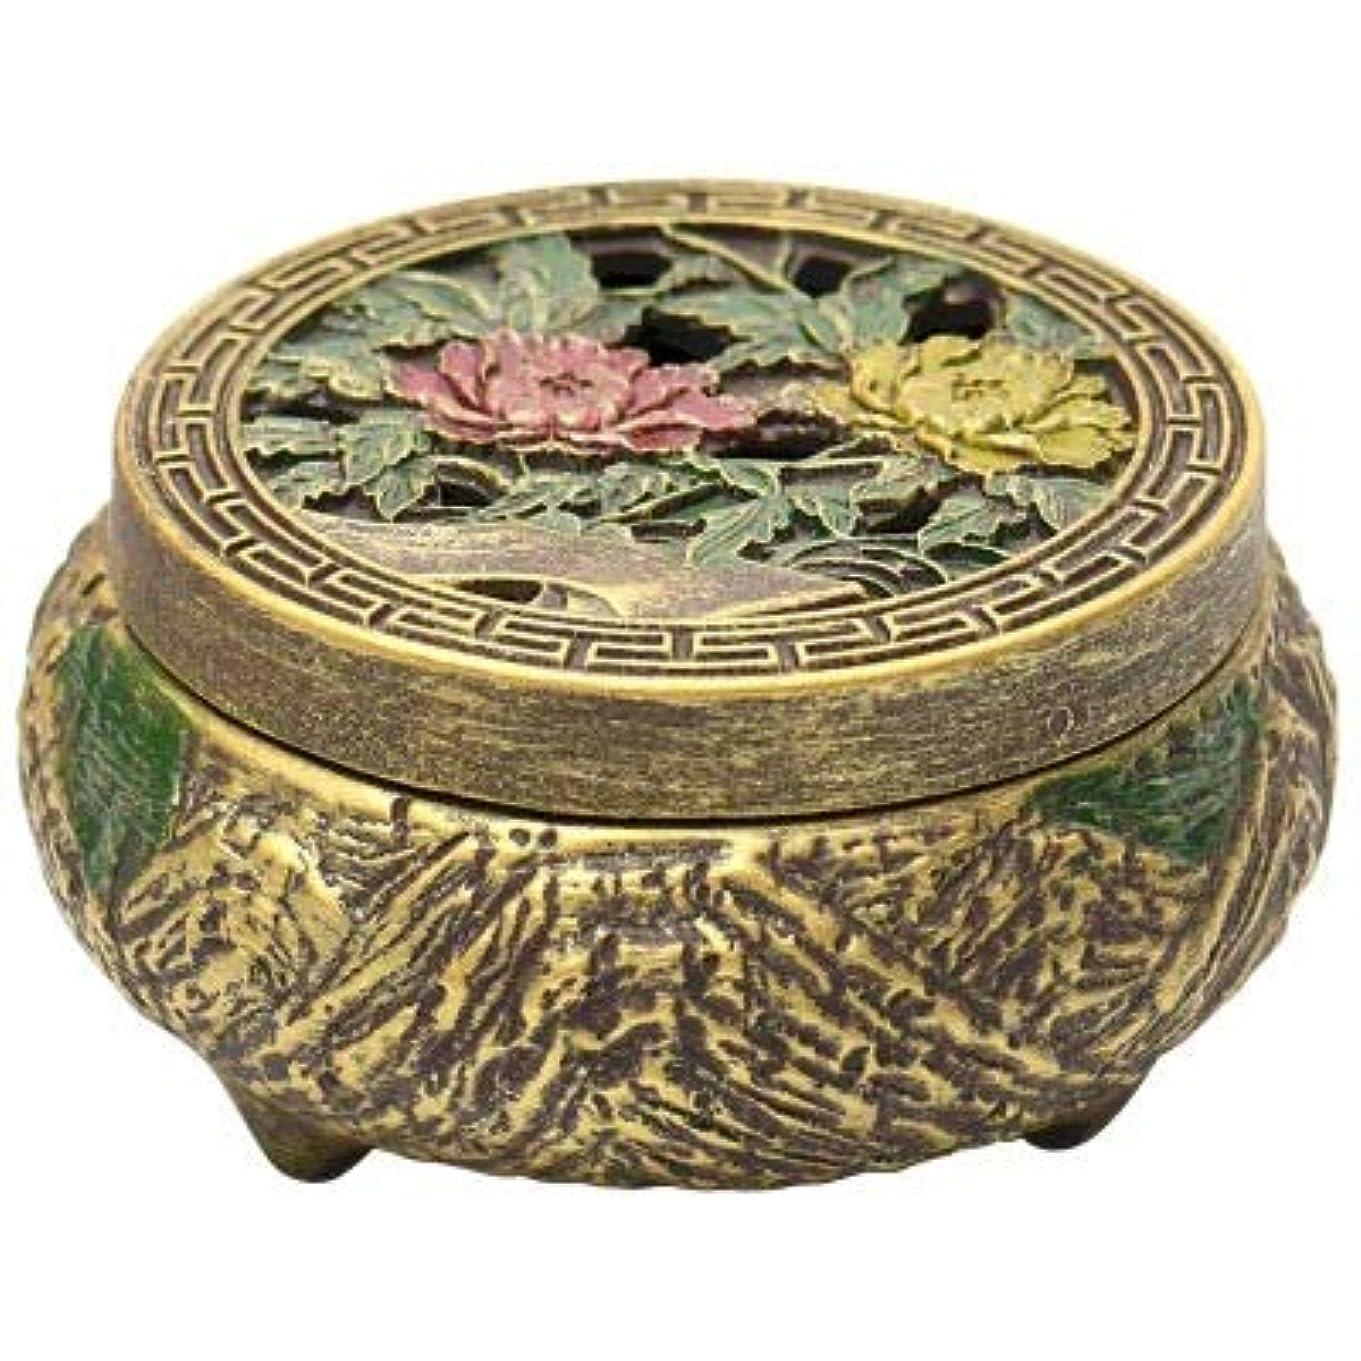 結果くびれたアーチPHILOGOD 香炉 仏壇用線香立て エンボス加工印刷する 香置物 香皿 (Brown1)